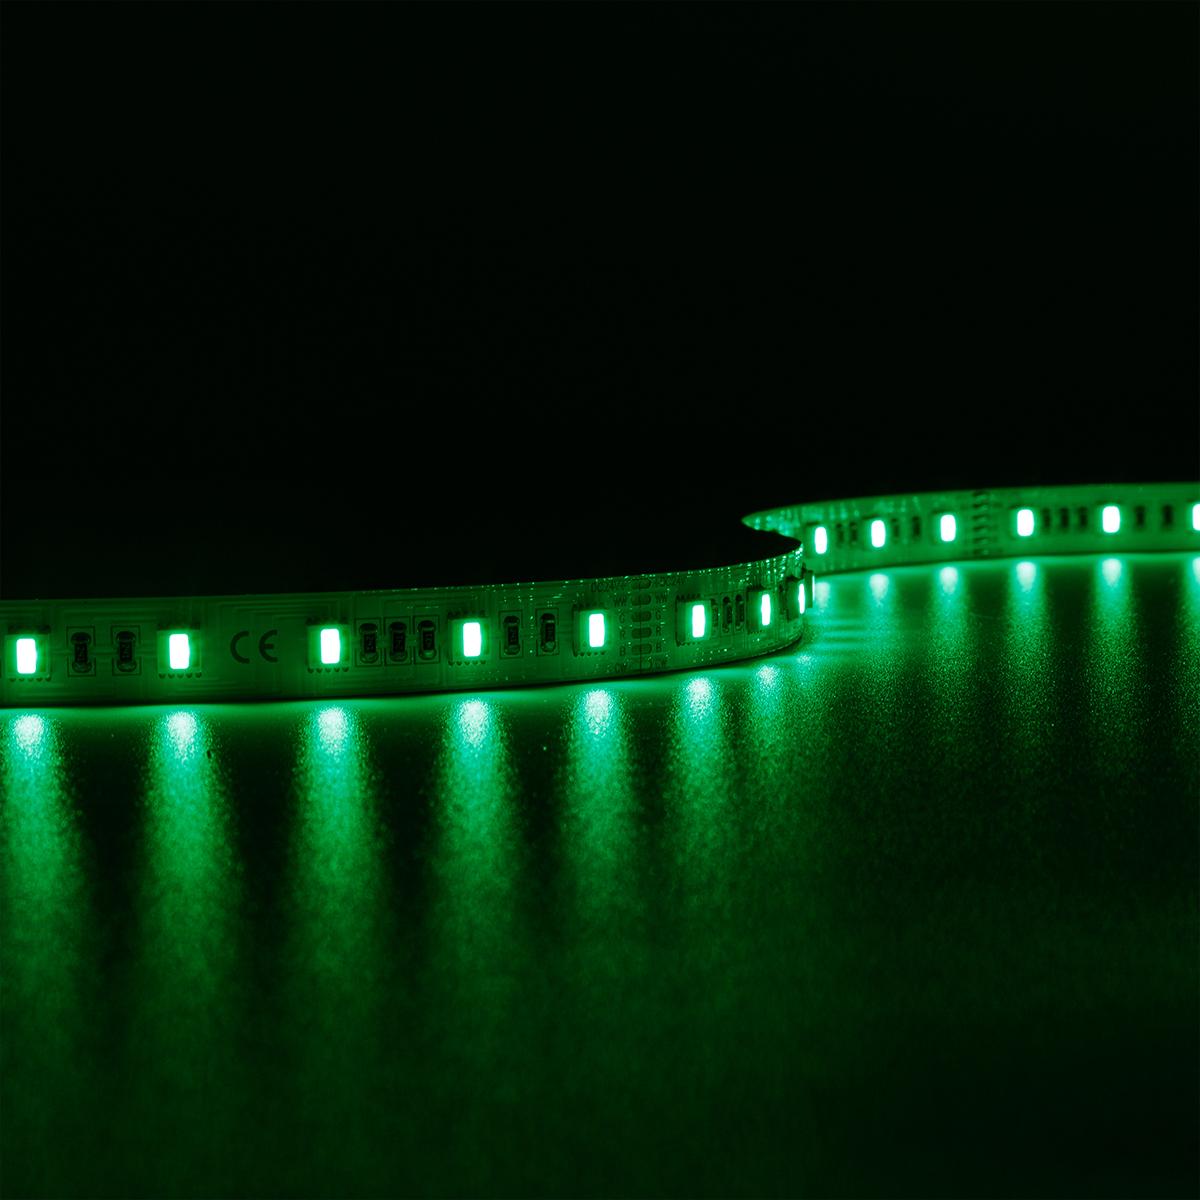 Strip RGB+CCT Dual Weiß 24V LED Streifen 5M 18W/m 60LED/m 12mm IP20 Farbwechsel RGB+2700-6000K